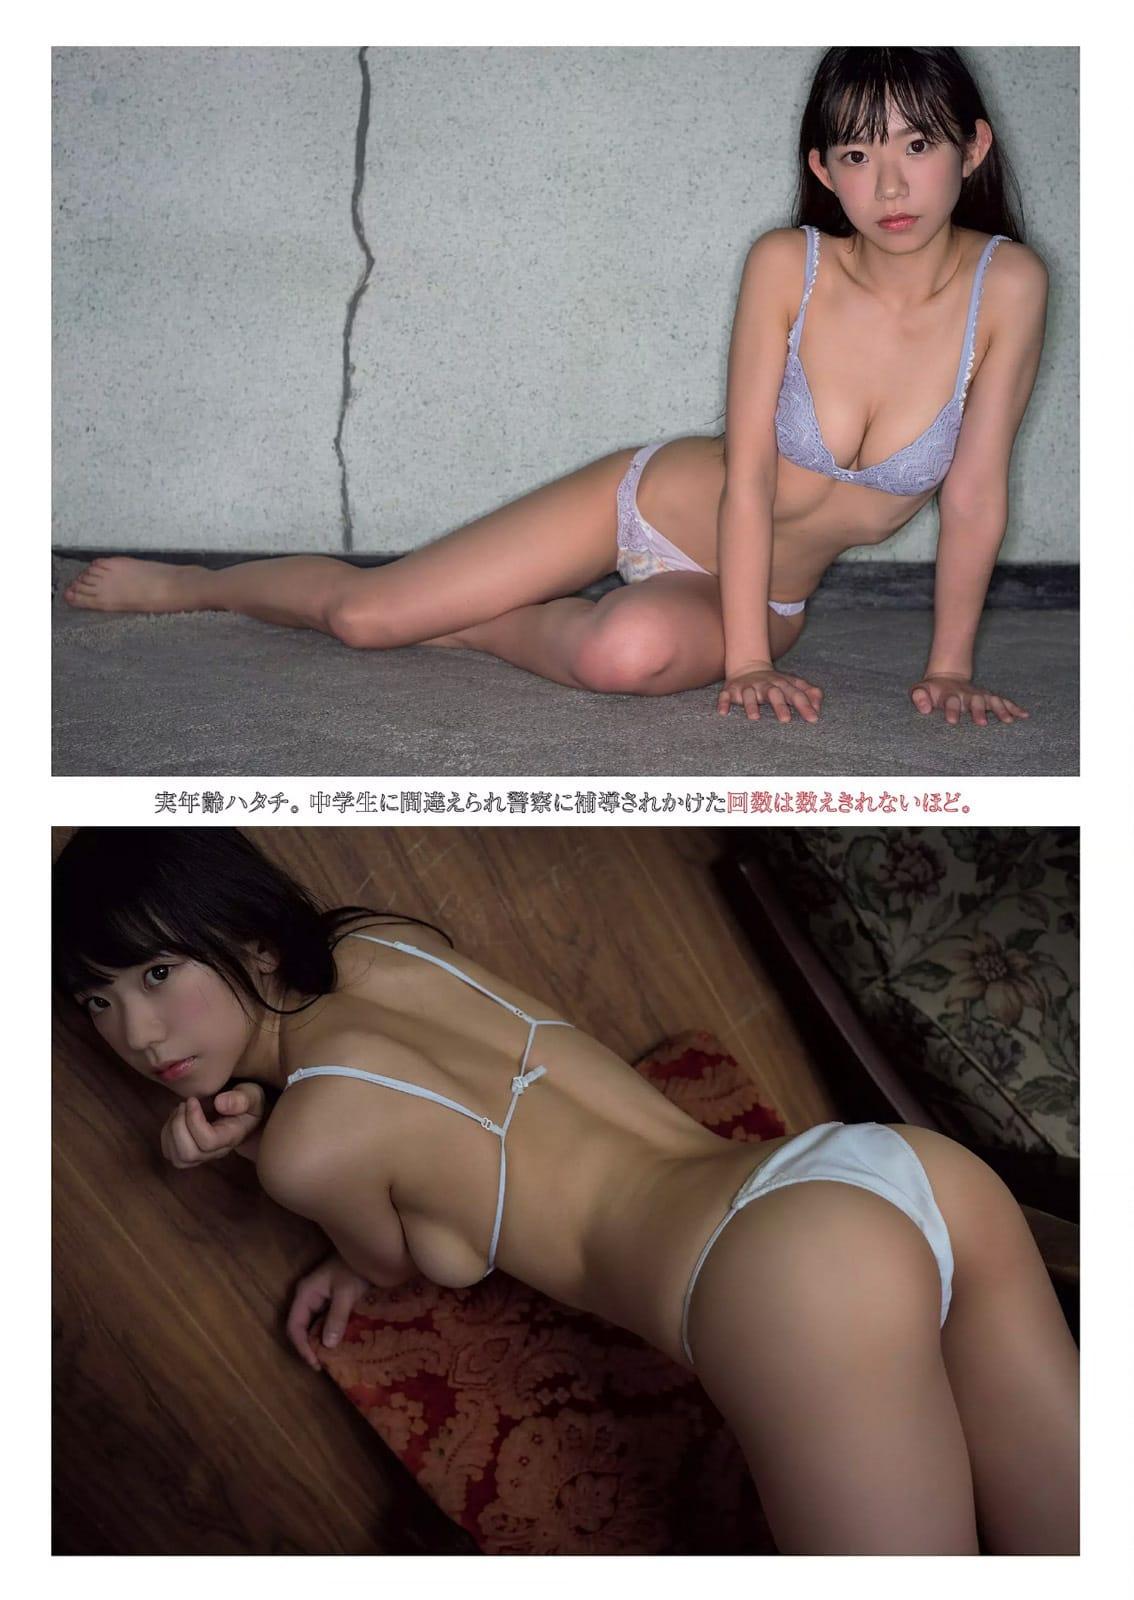 「週刊プレイボーイ 2016 No.24」エロリータ、完。長澤茉里奈の下着グラビア